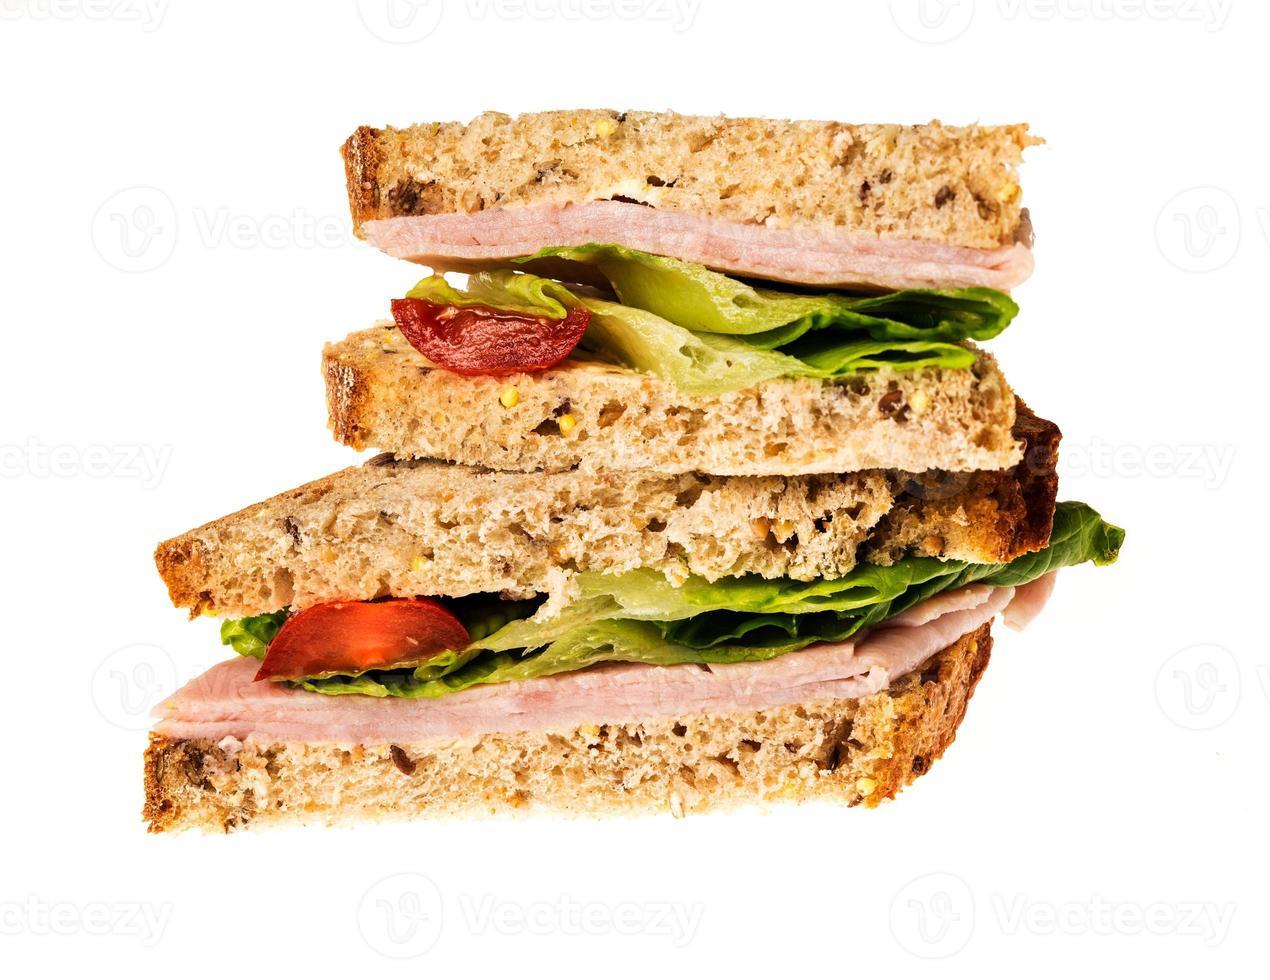 Engelse meergranen brood ham sandwich foto